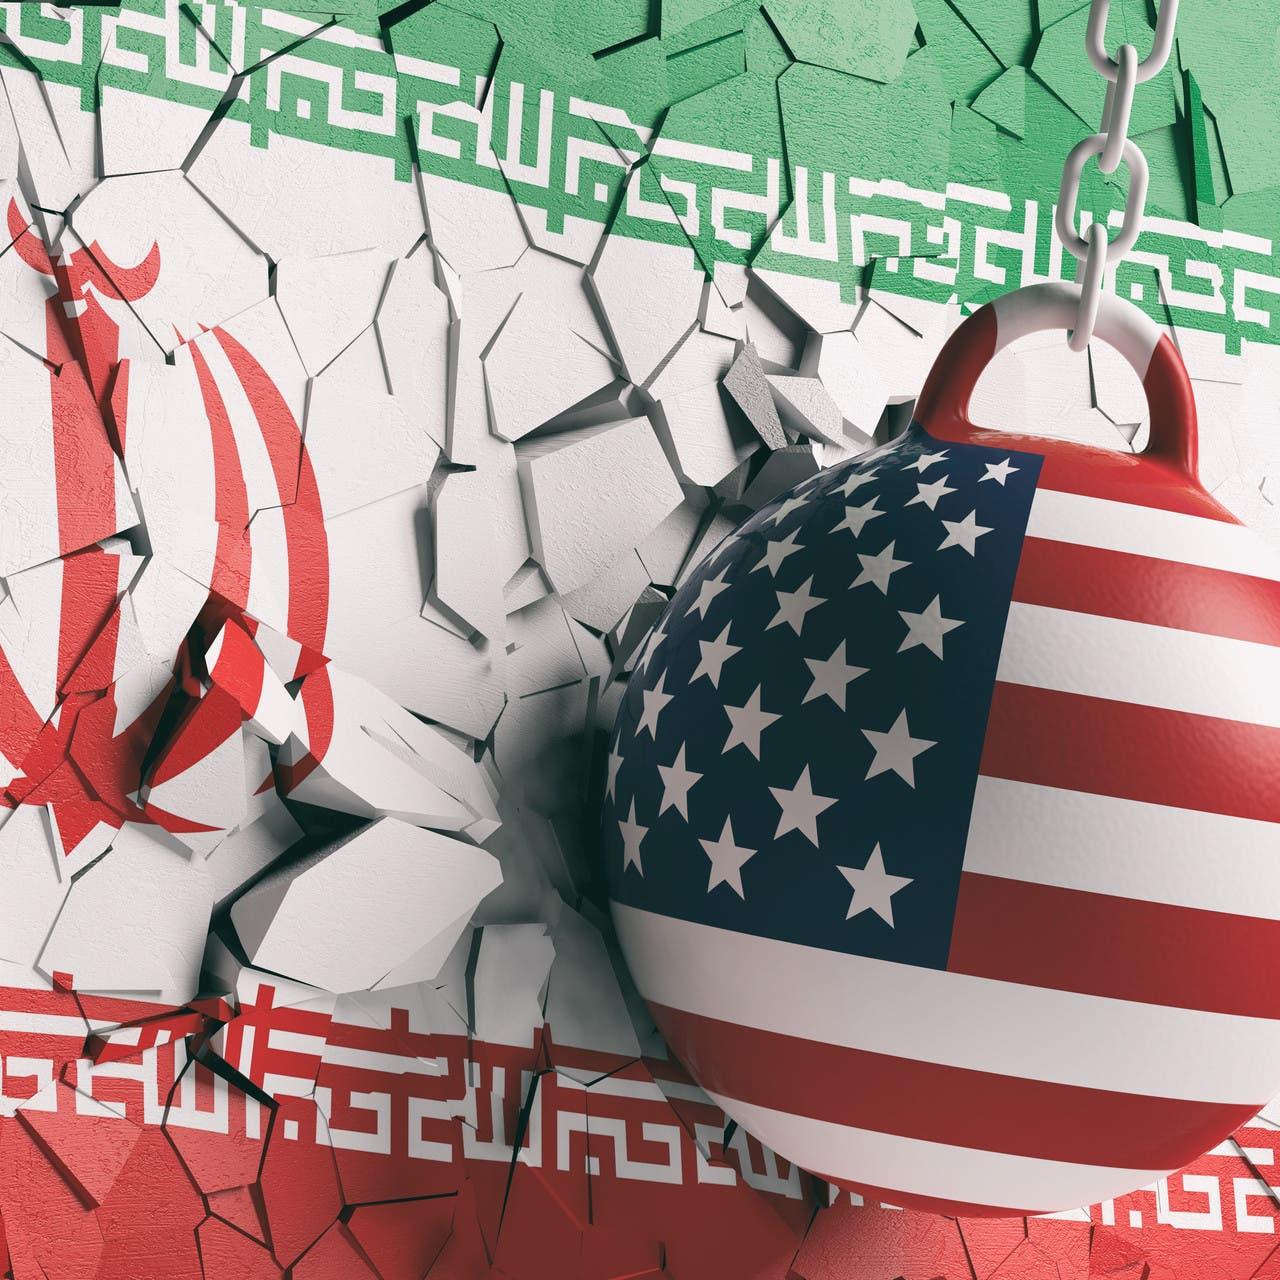 مسؤولون أميركيون: نافذة التوصل لاتفاق مع إيران لن تظل مفتوحة